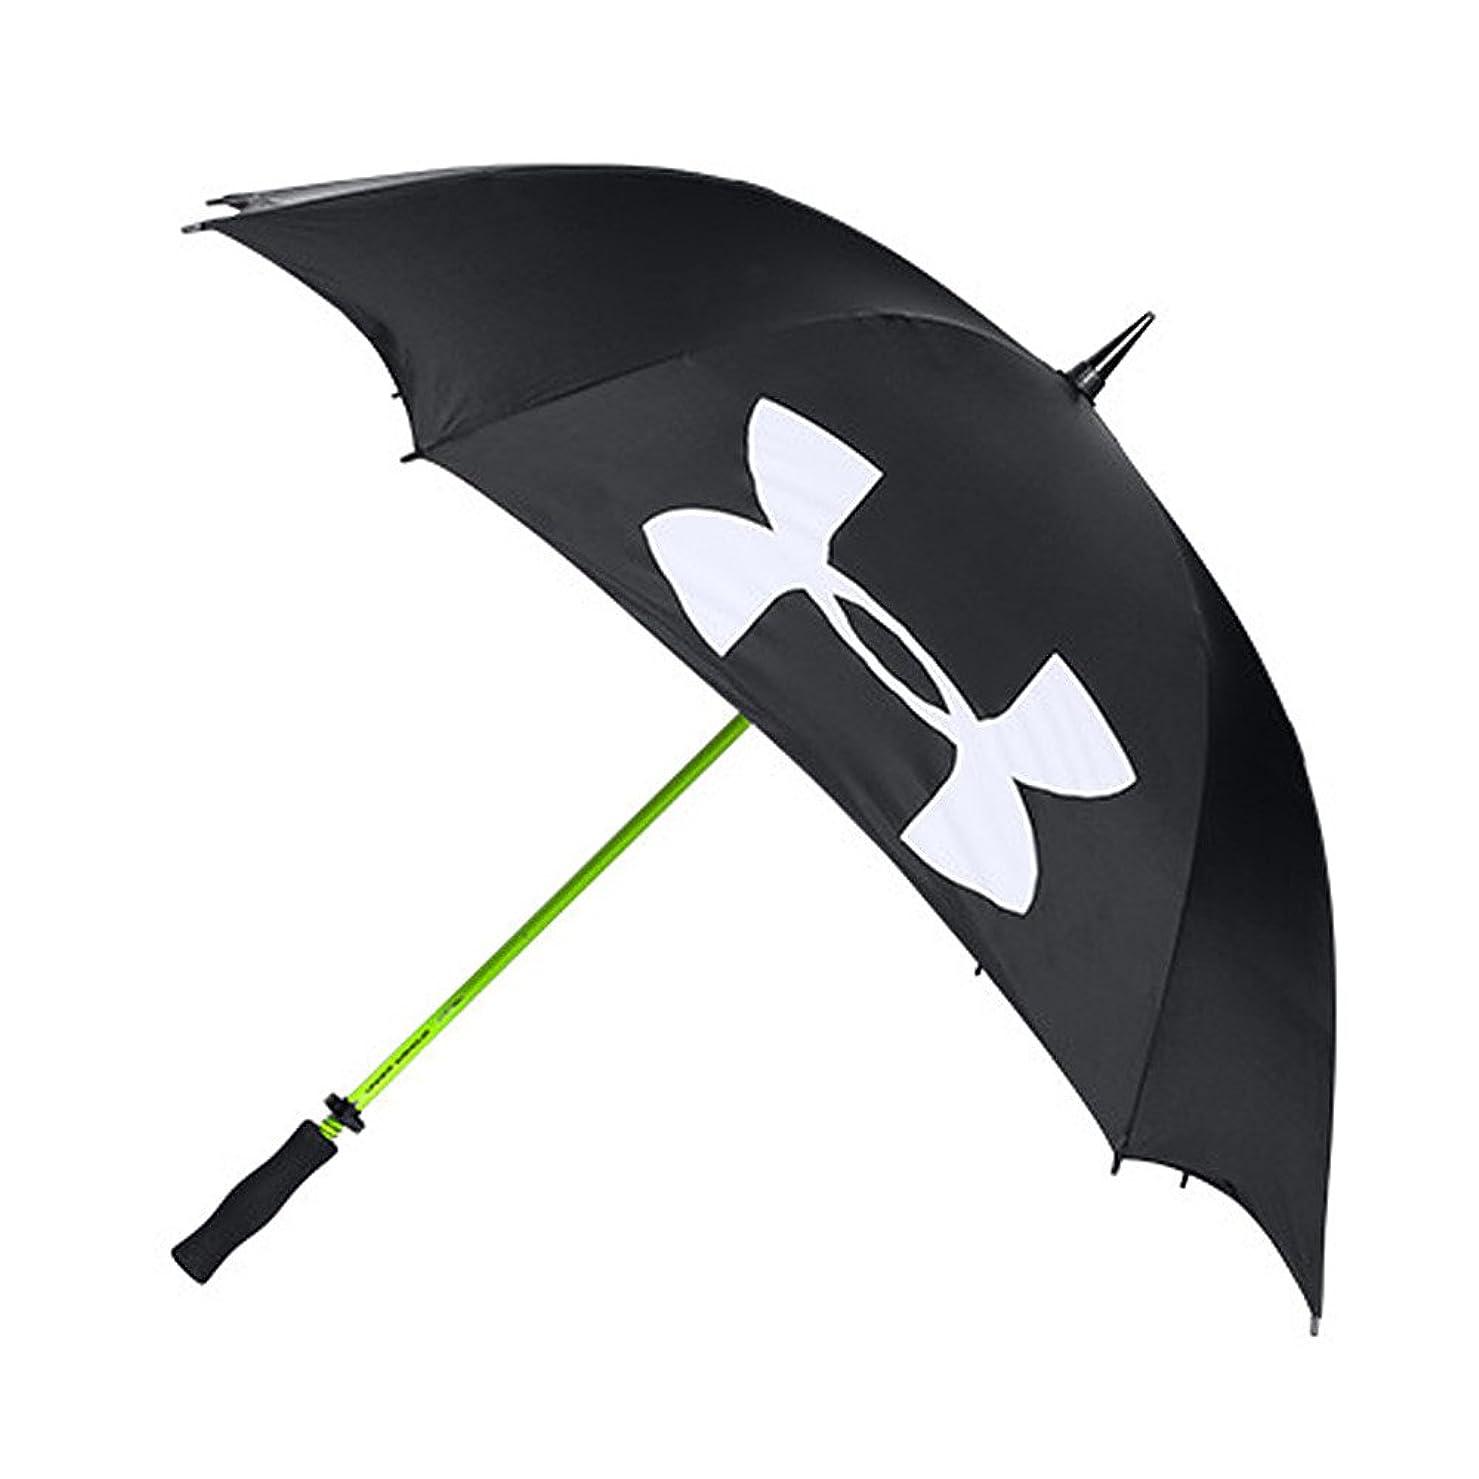 ドローわずらわしい下着UNDER ARMOUR(アンダーアーマー) UA Golf Umbrella #1279919 [並行輸入品]